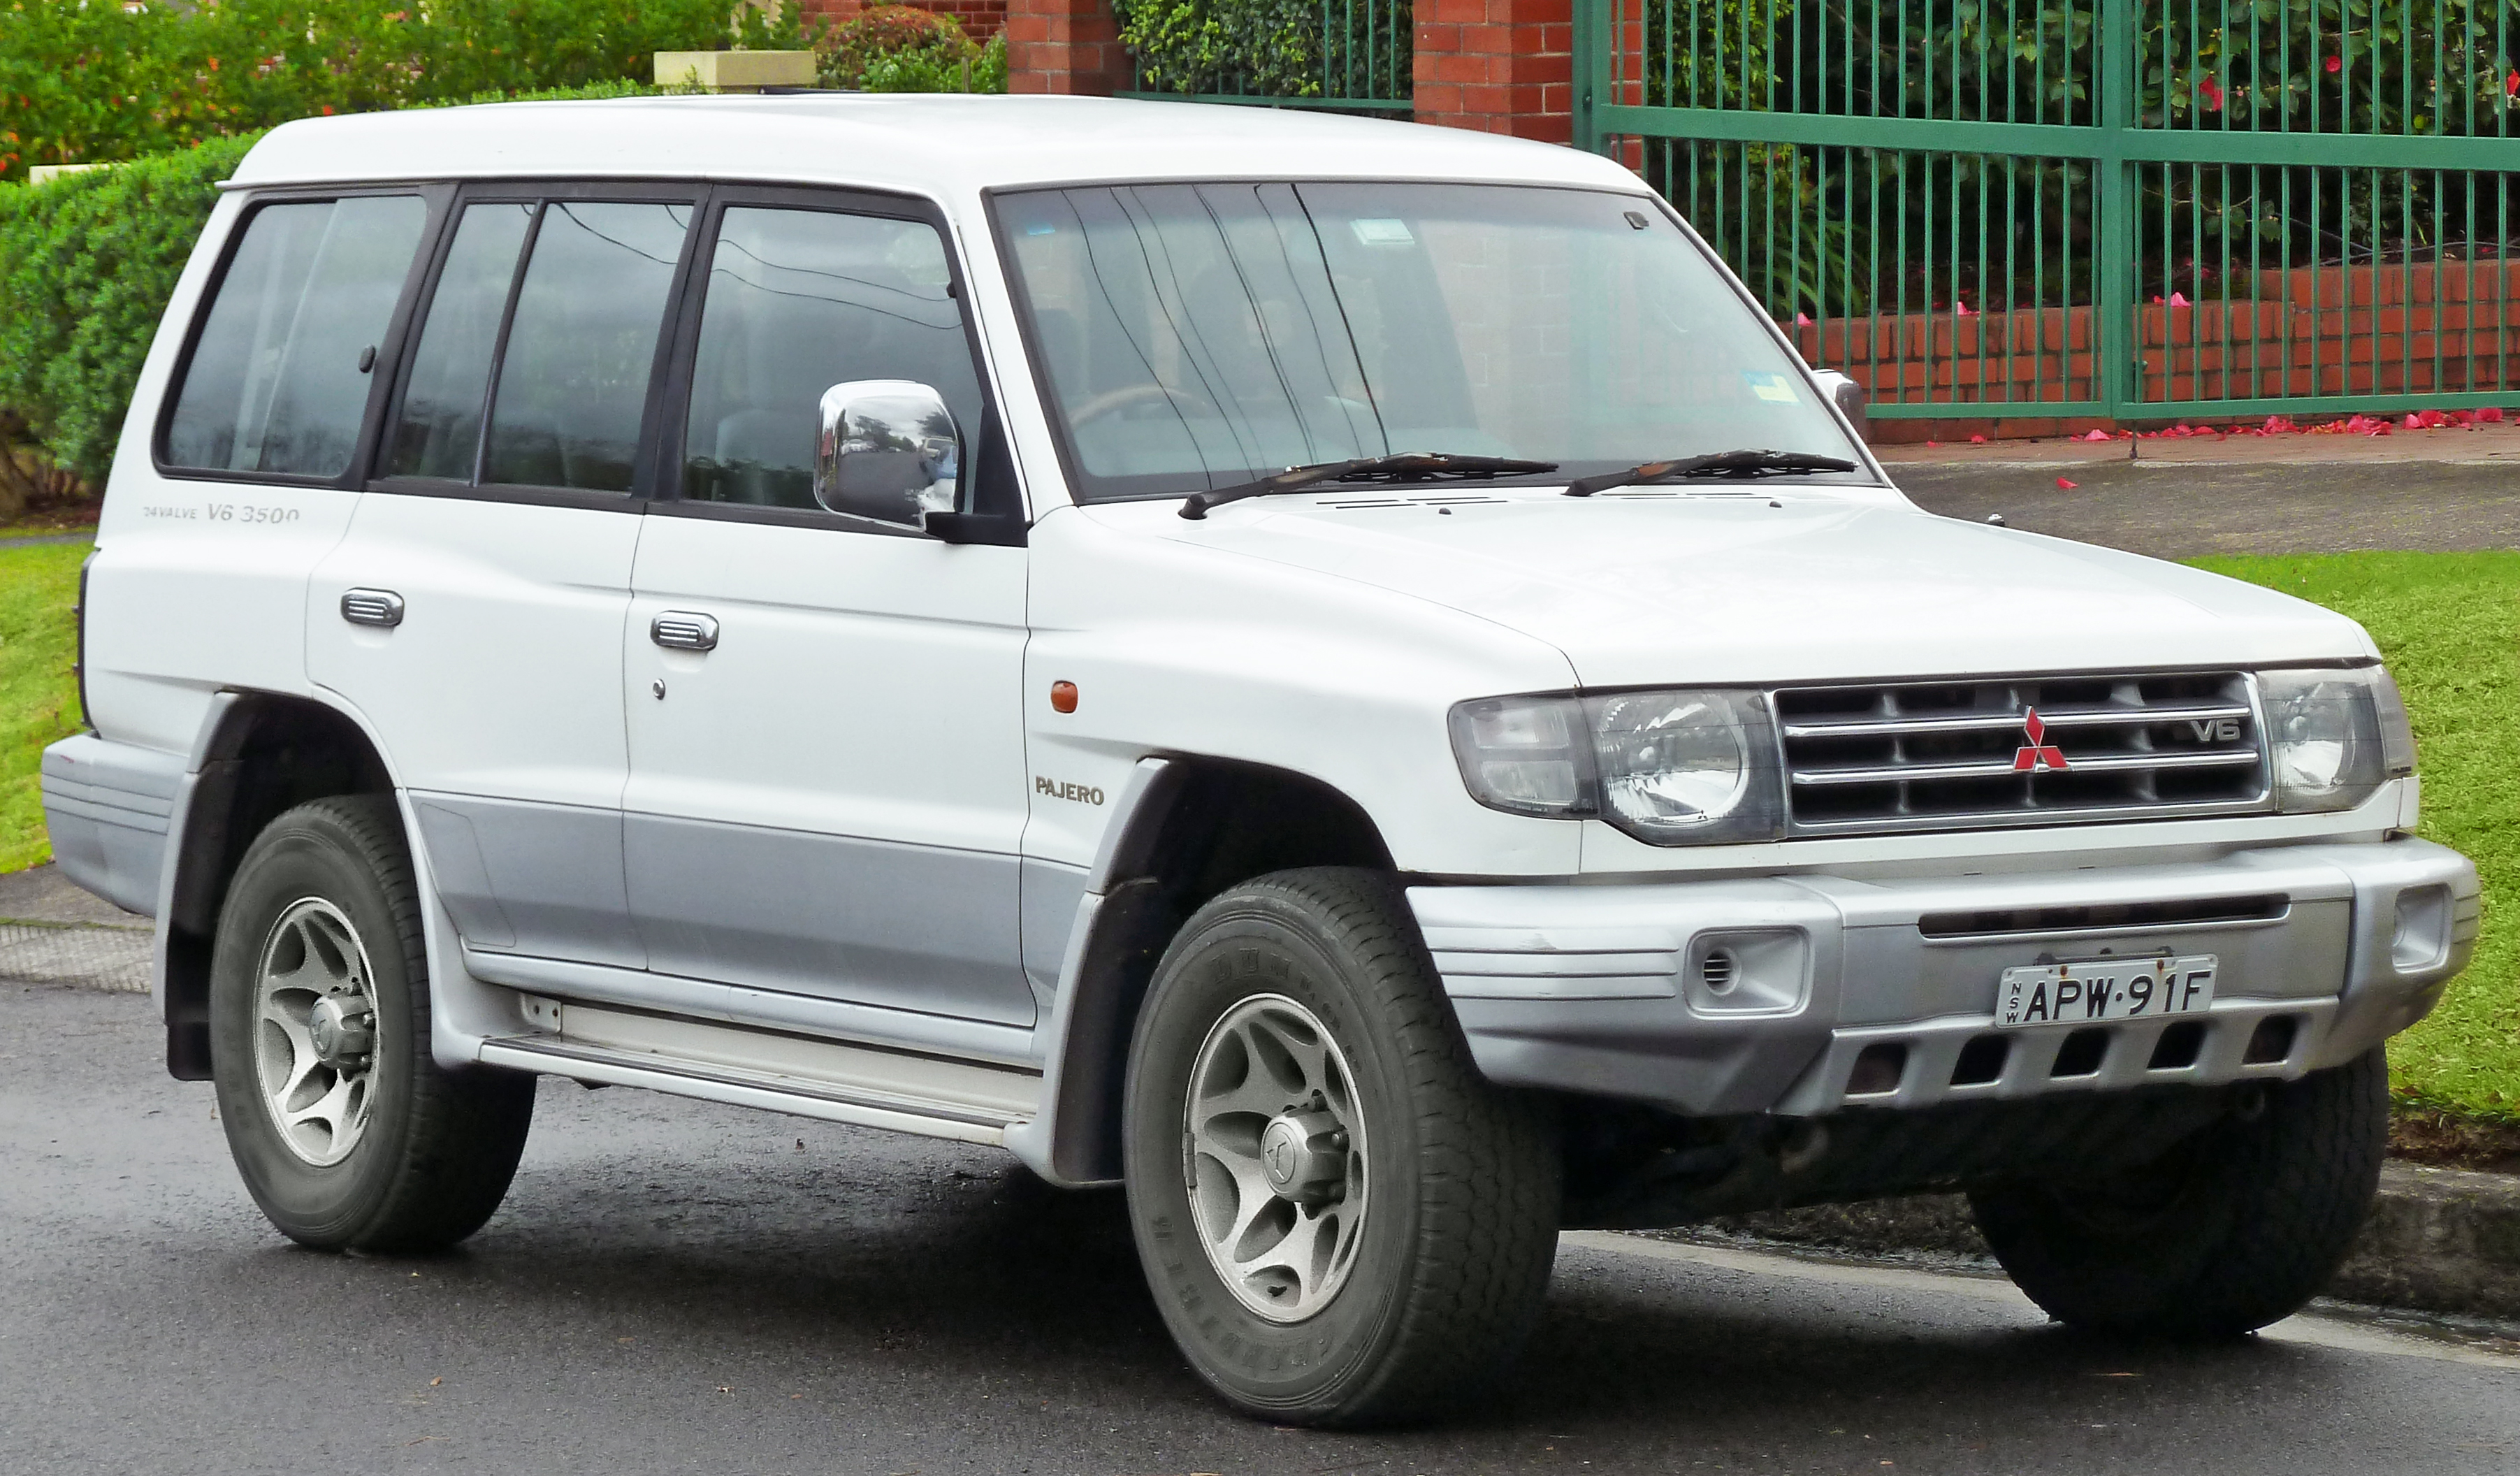 File:1997 Mitsubishi Pajero (NL) GLS (with Luxury Pack) wagon (2011